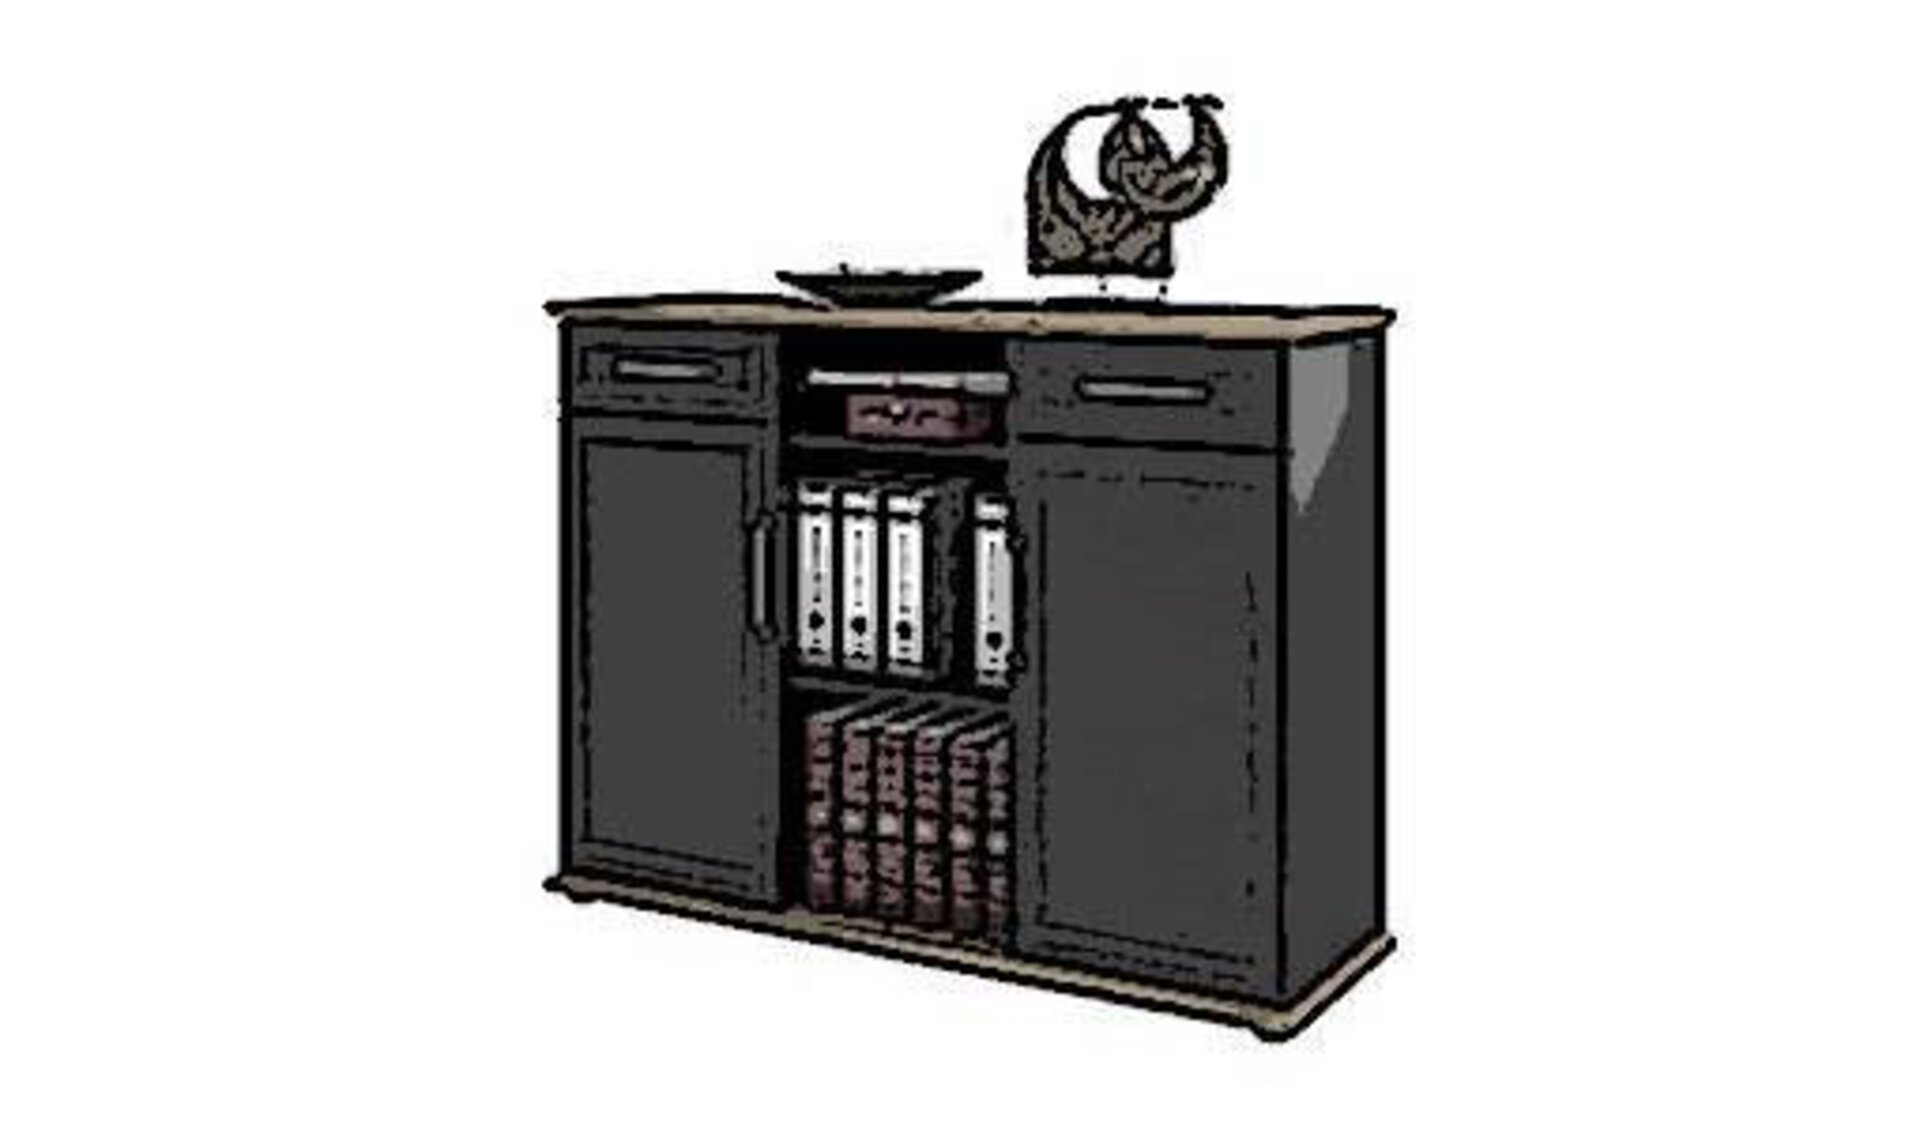 Büroregal aus dunklem, glatten Holz als Icon für die Produktwelt innerhalb der Kategorie Arbeitszimmer.